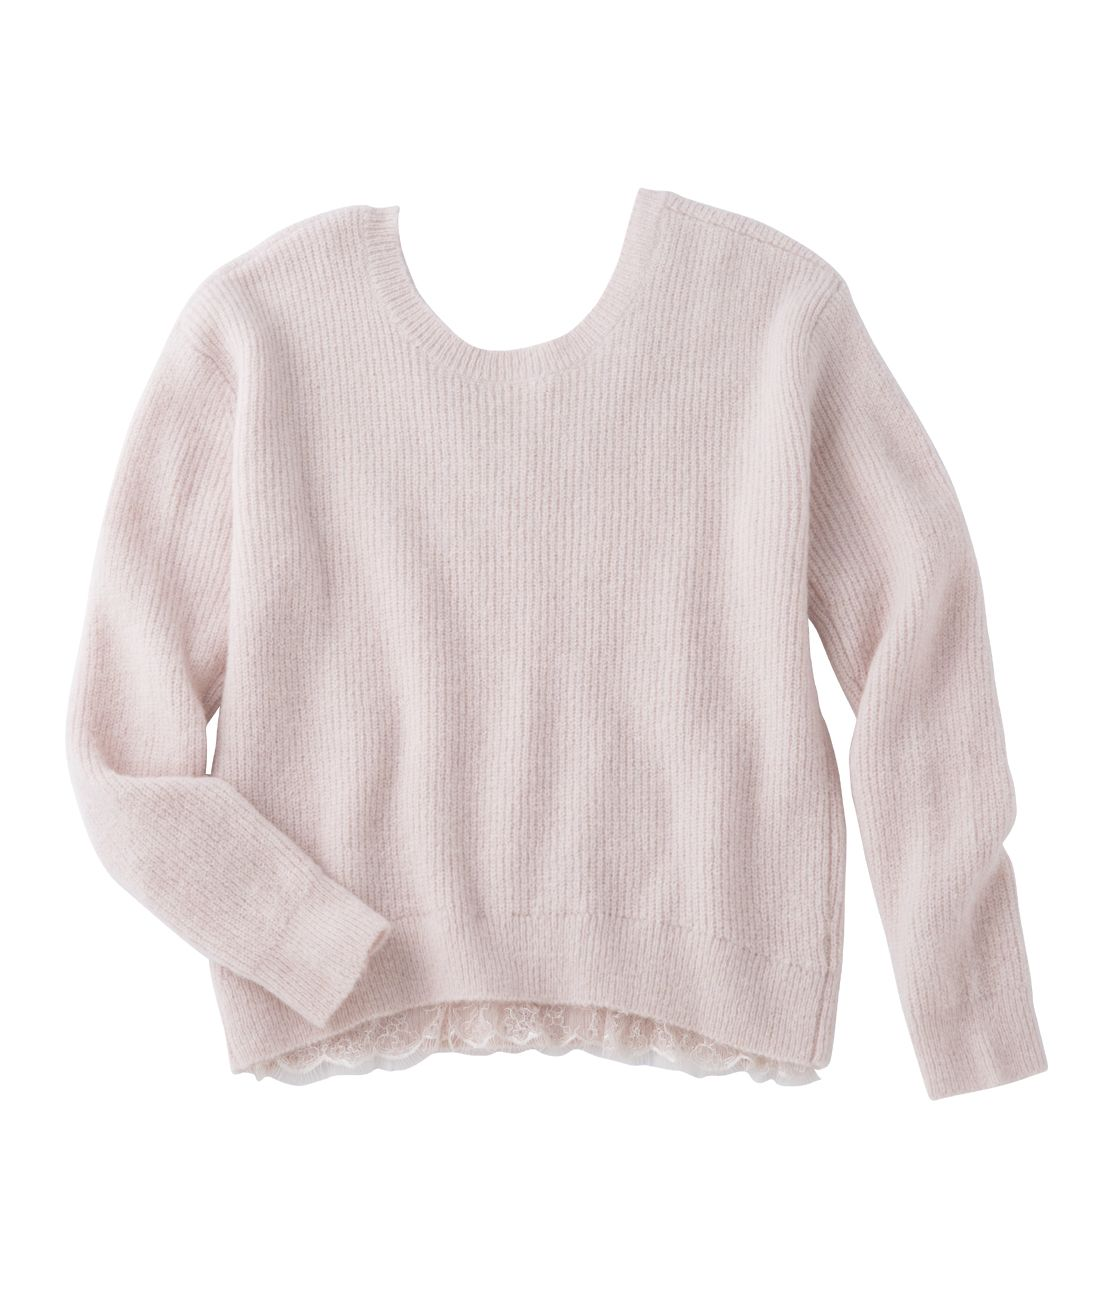 2WAY lace knit